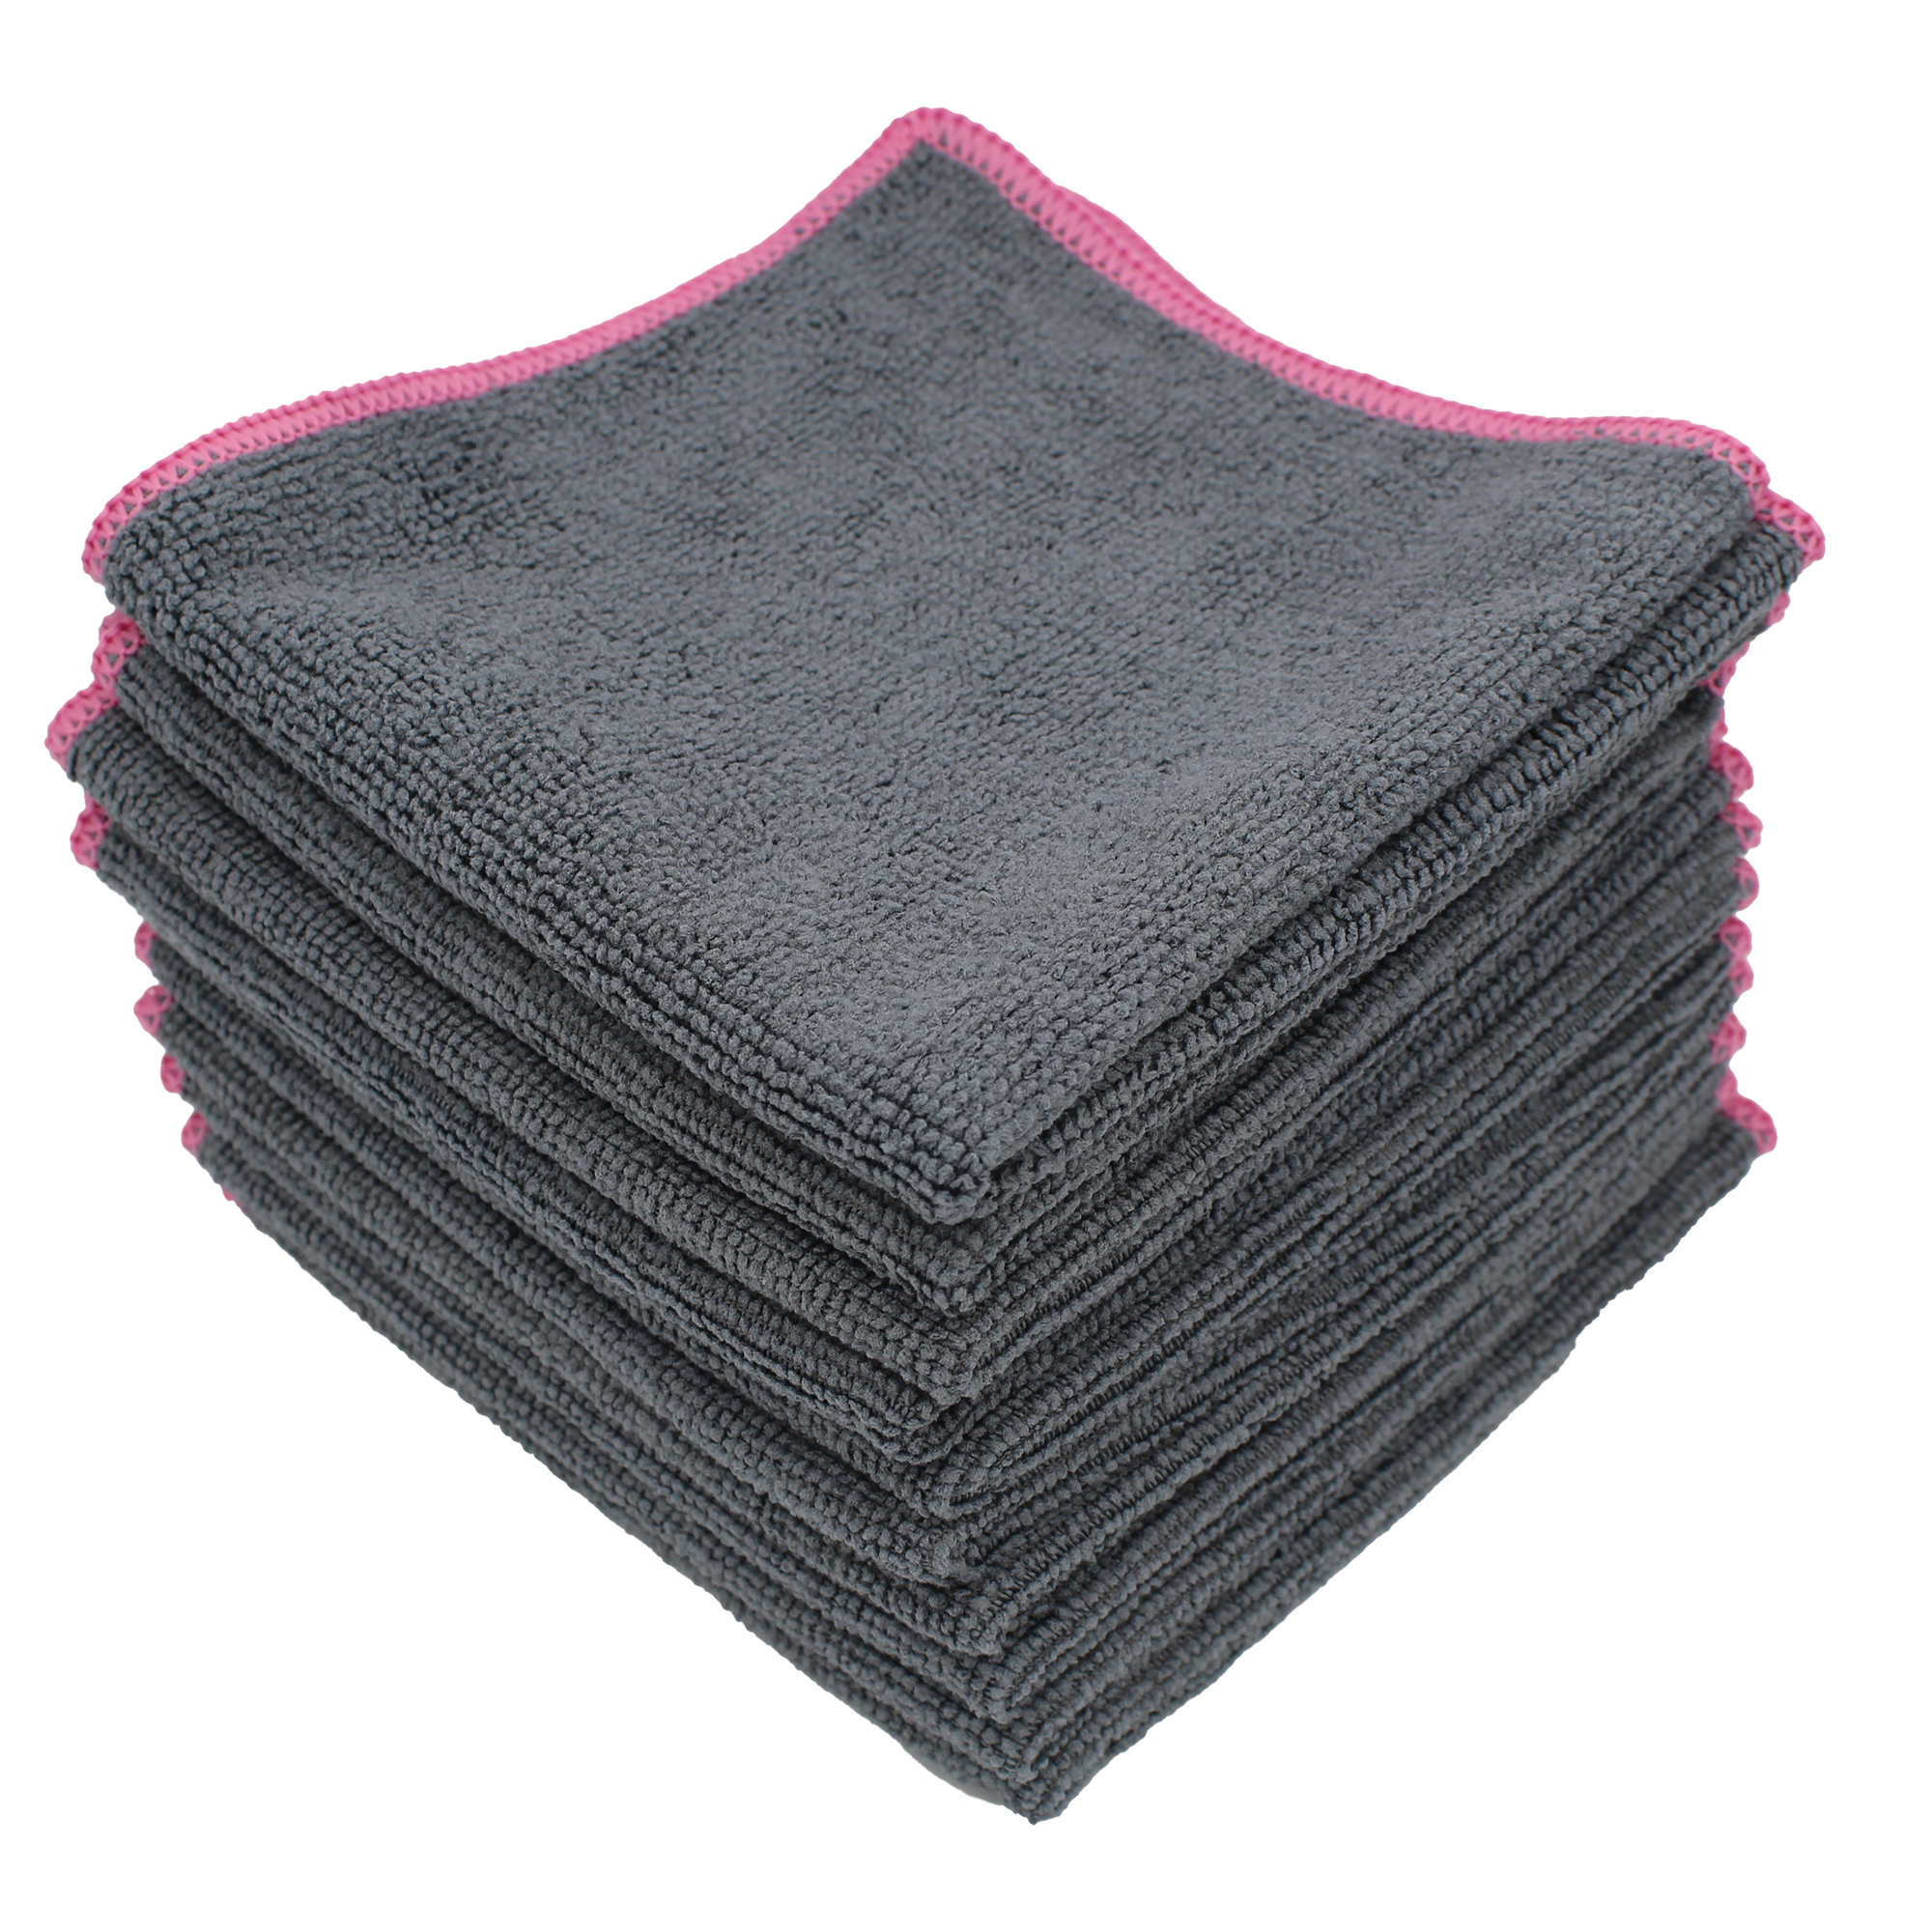 D&W Microfaser Tuch 30x30cm grau/pink 220g/m² 10 Stück